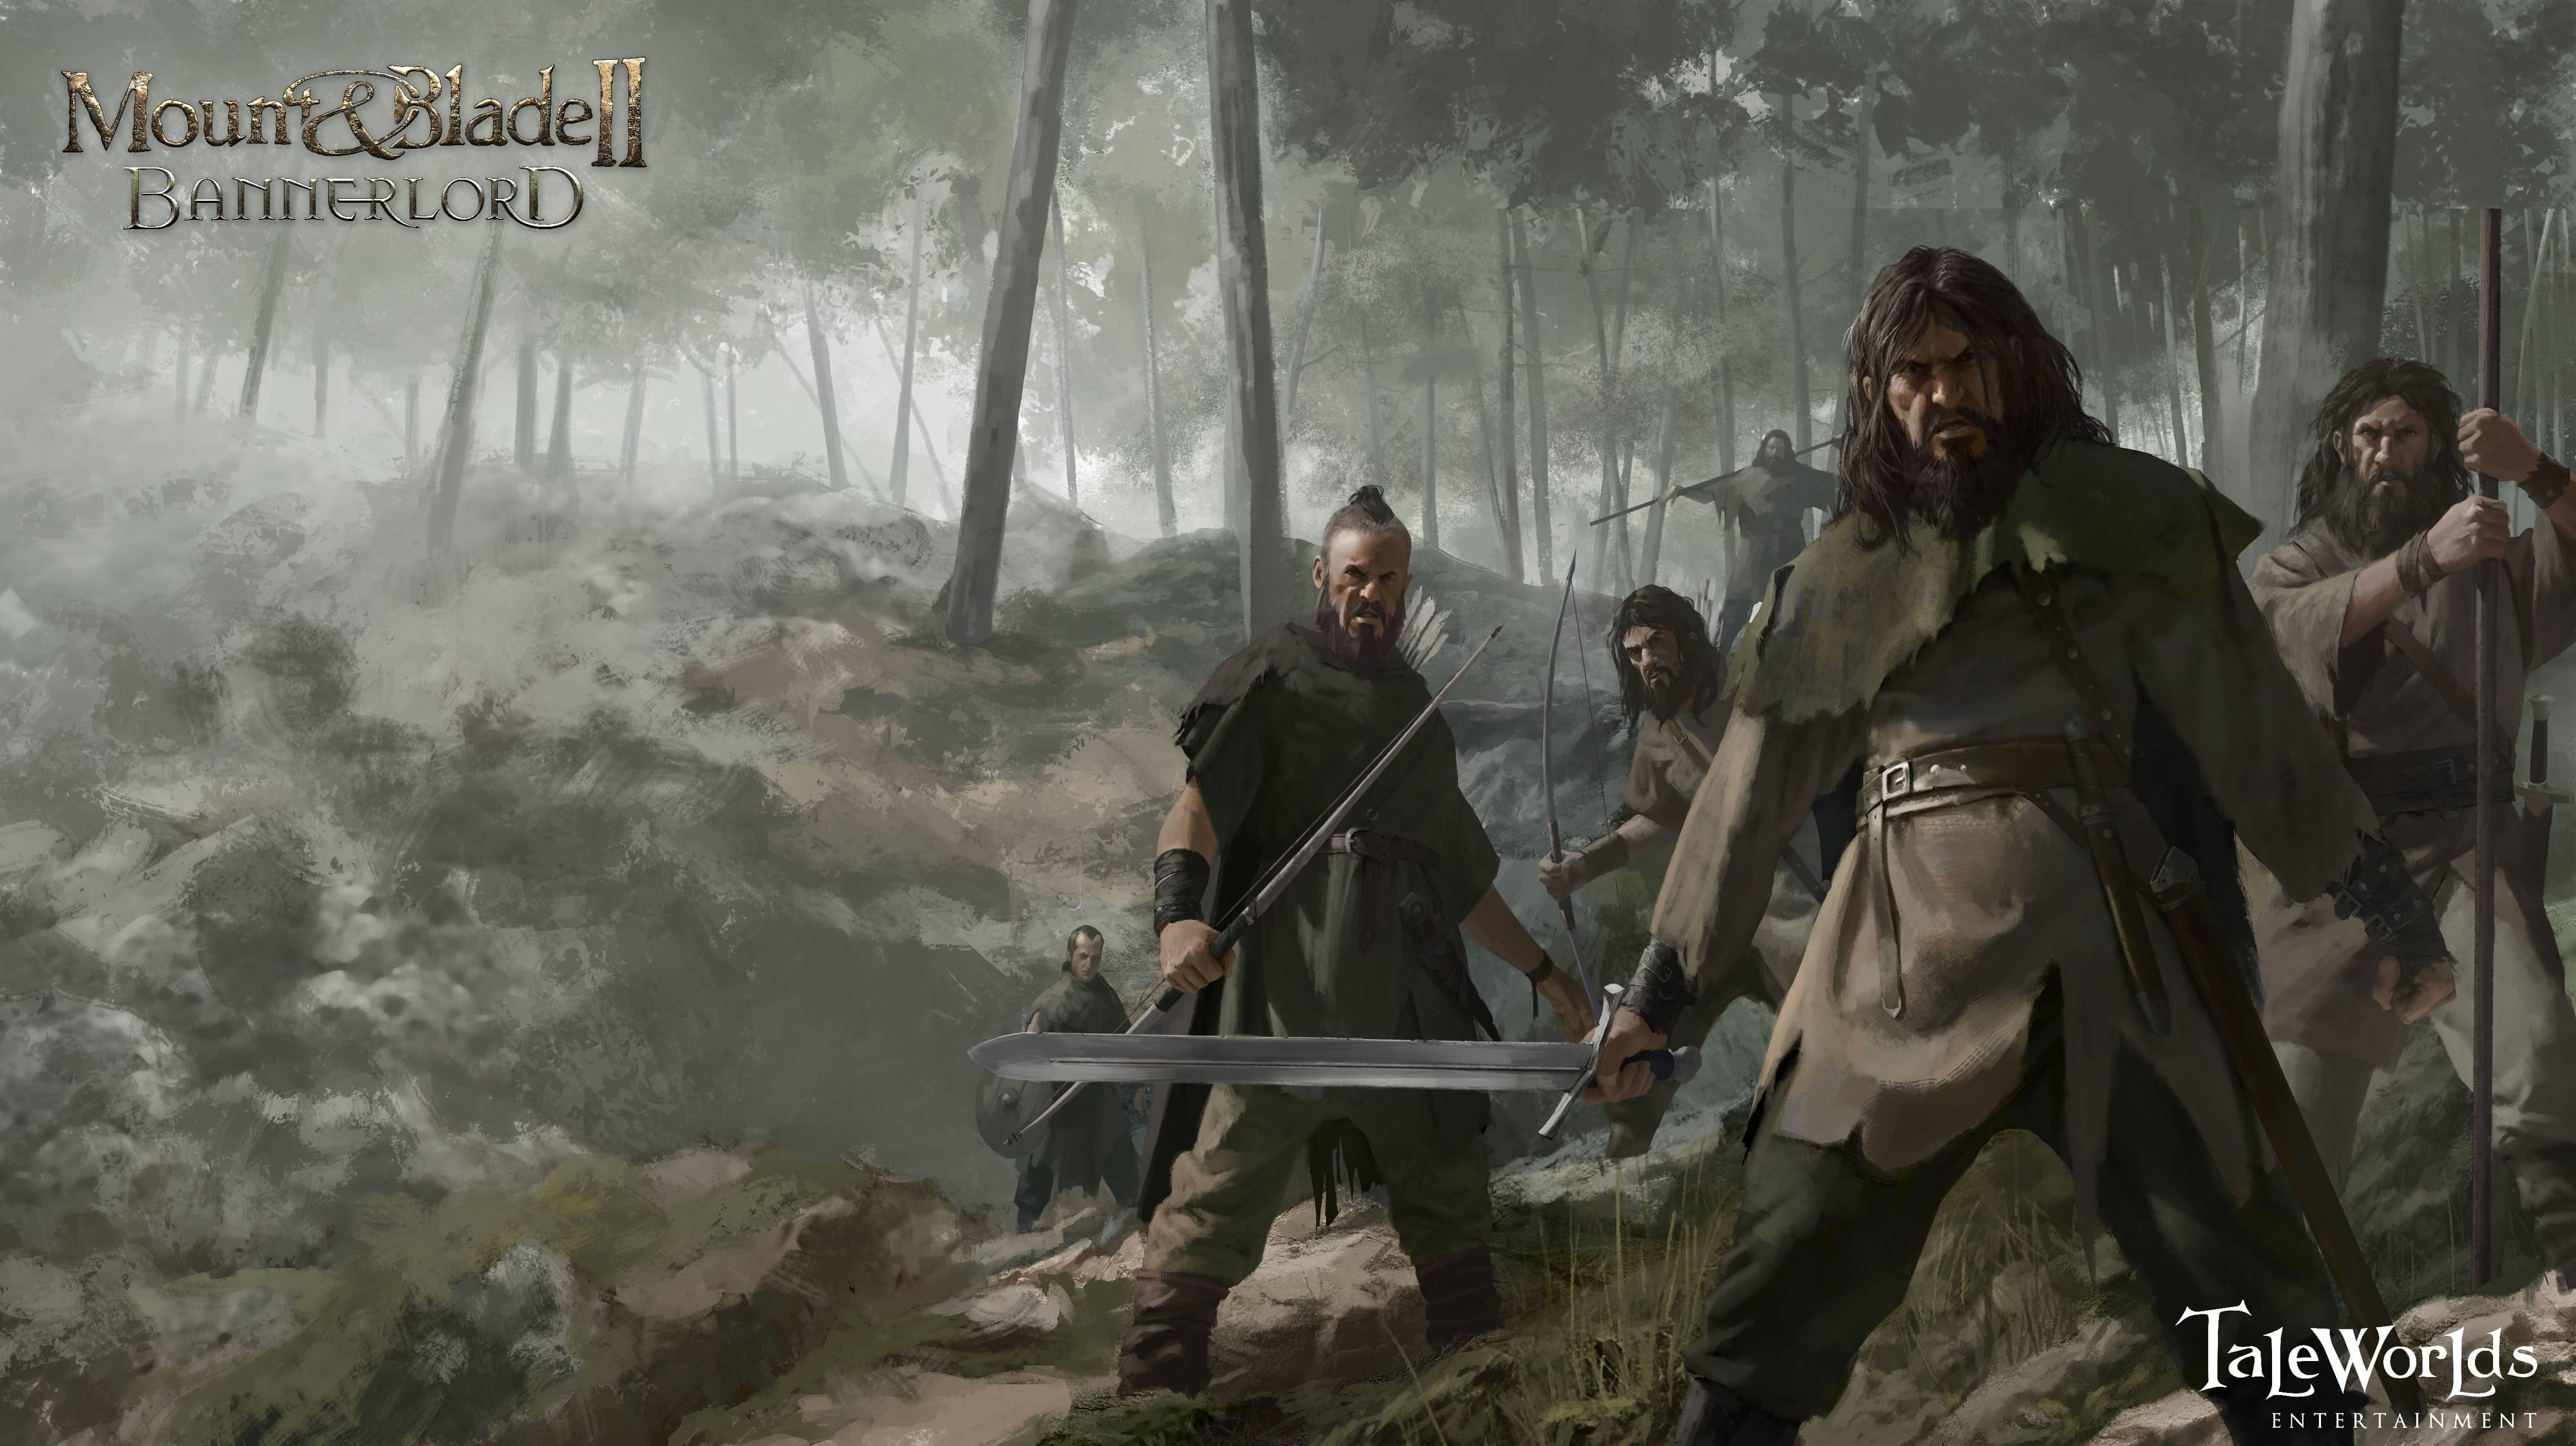 Primeros videos gameplay de Bannerlord - Página 2 QbSuj